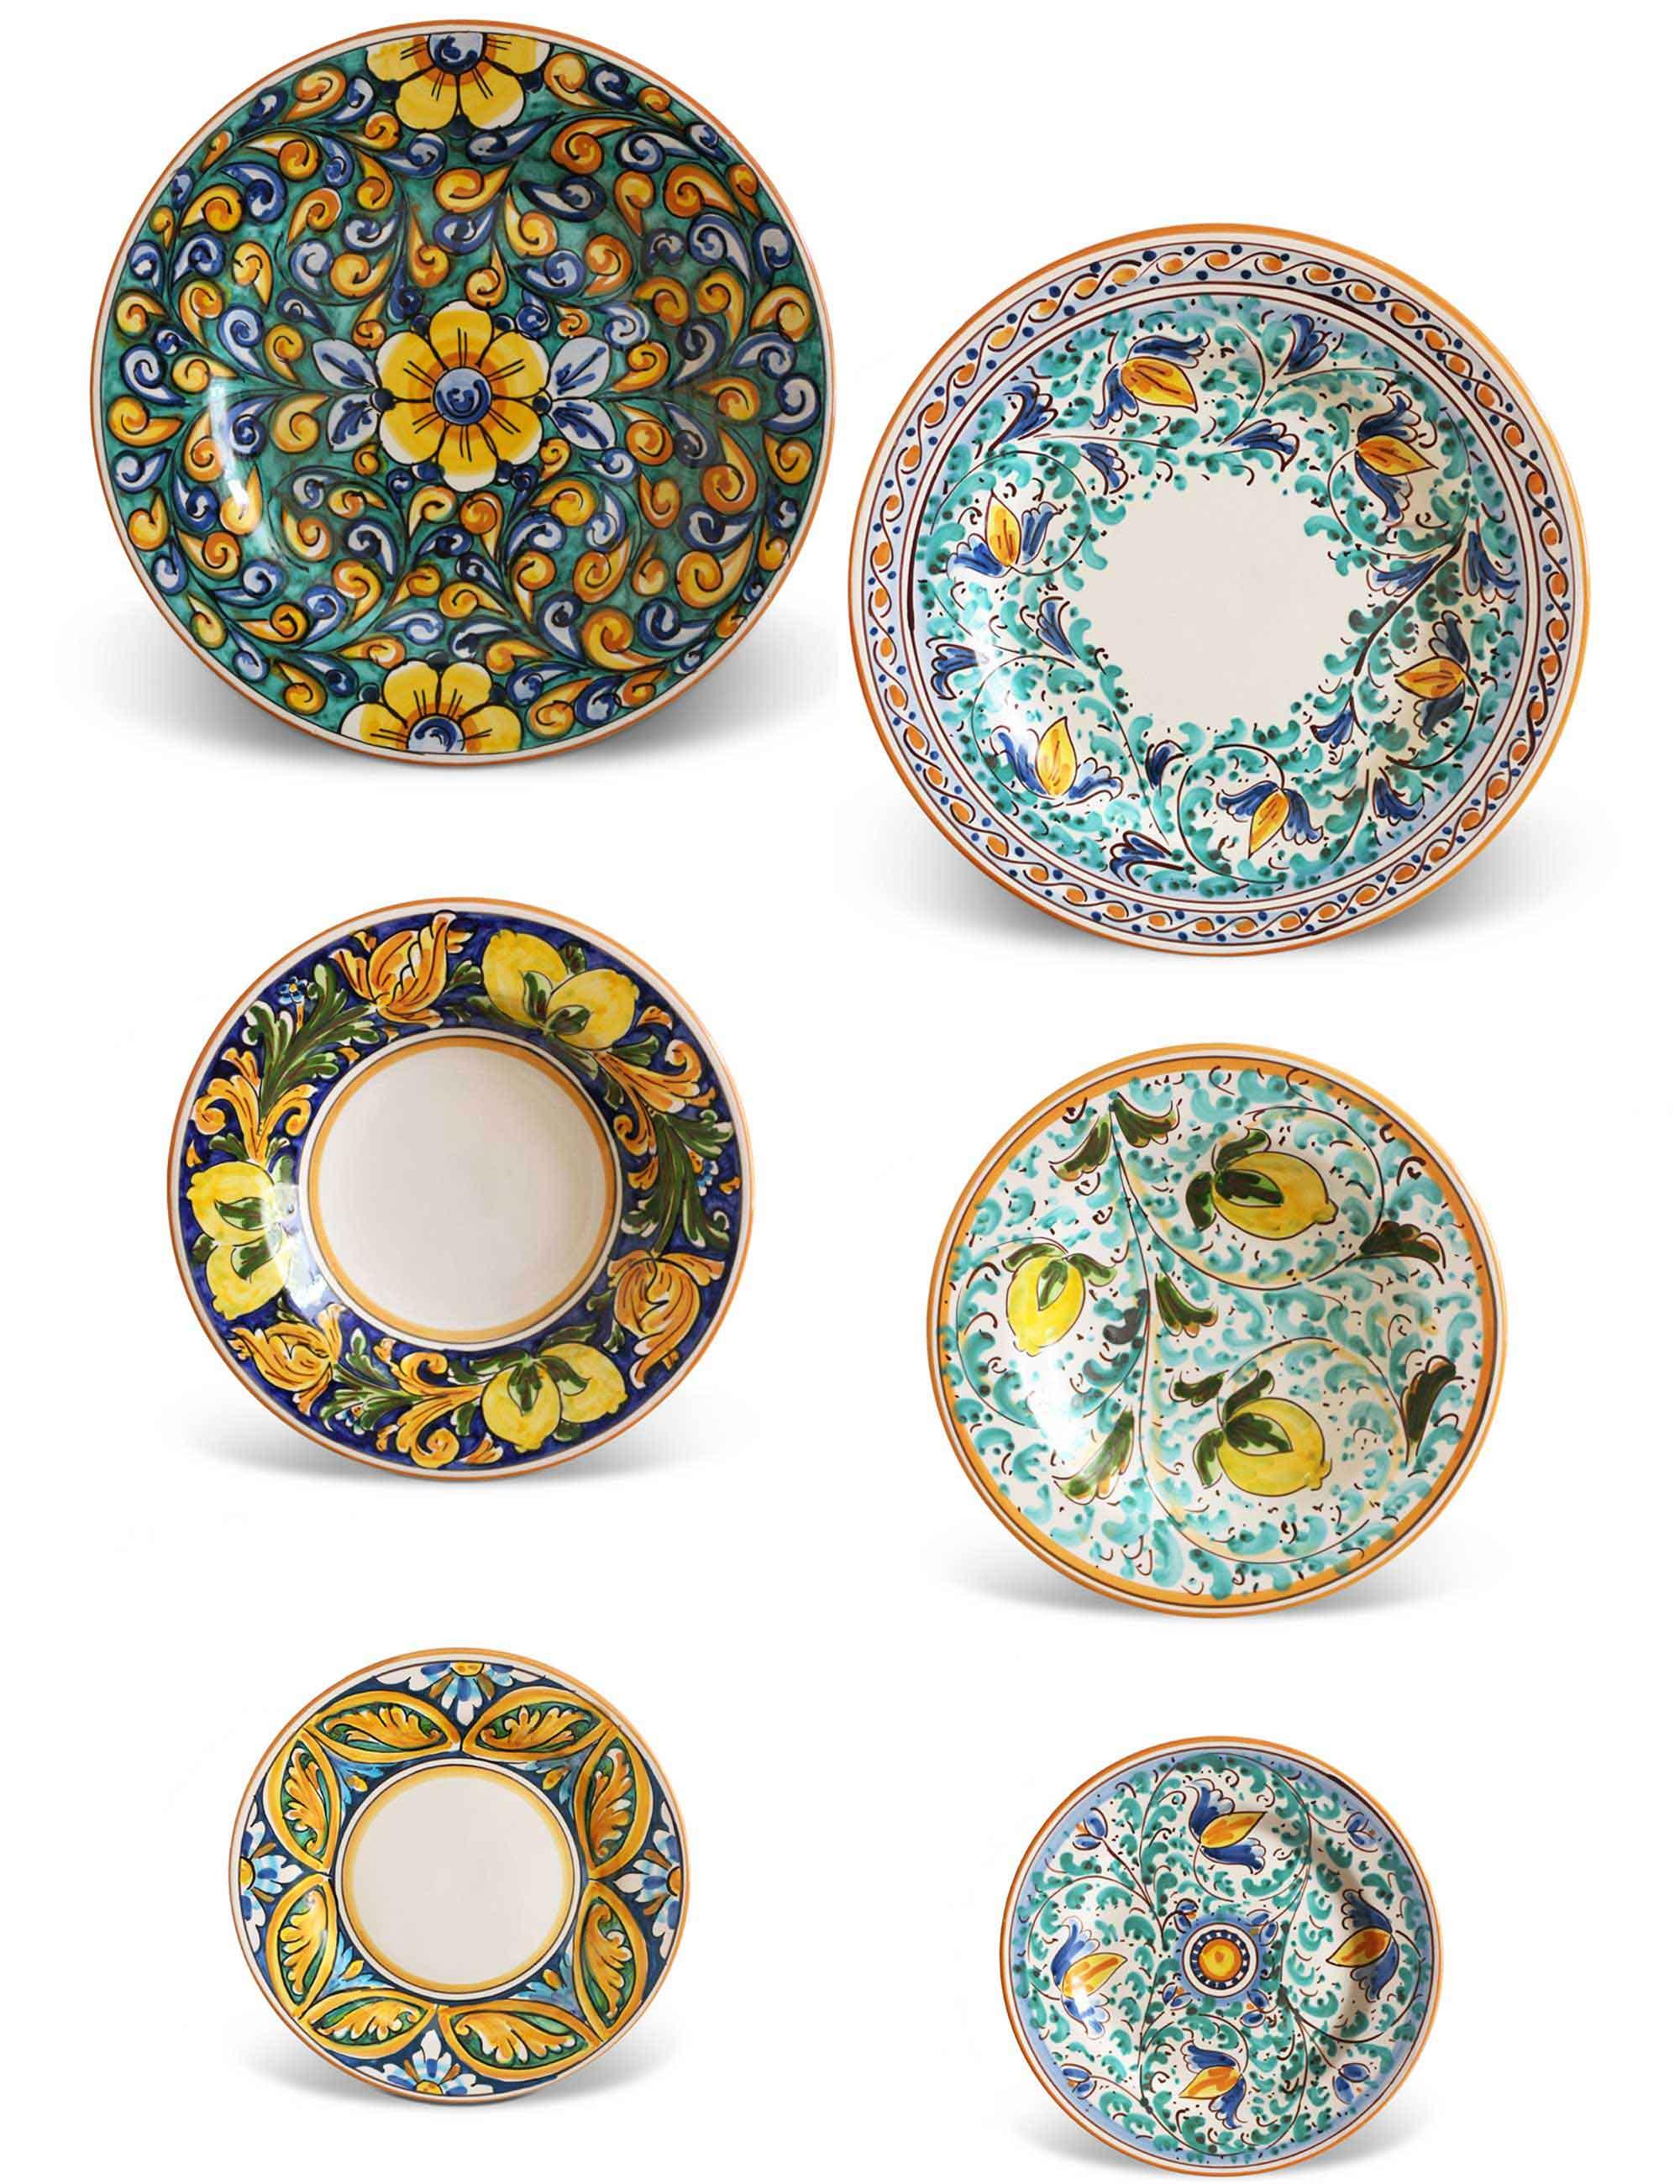 Piatti Ceramica Di Caltagirone.Piatti Ceramica Decorata Caltagirone Set 36 Pezzi Ficu